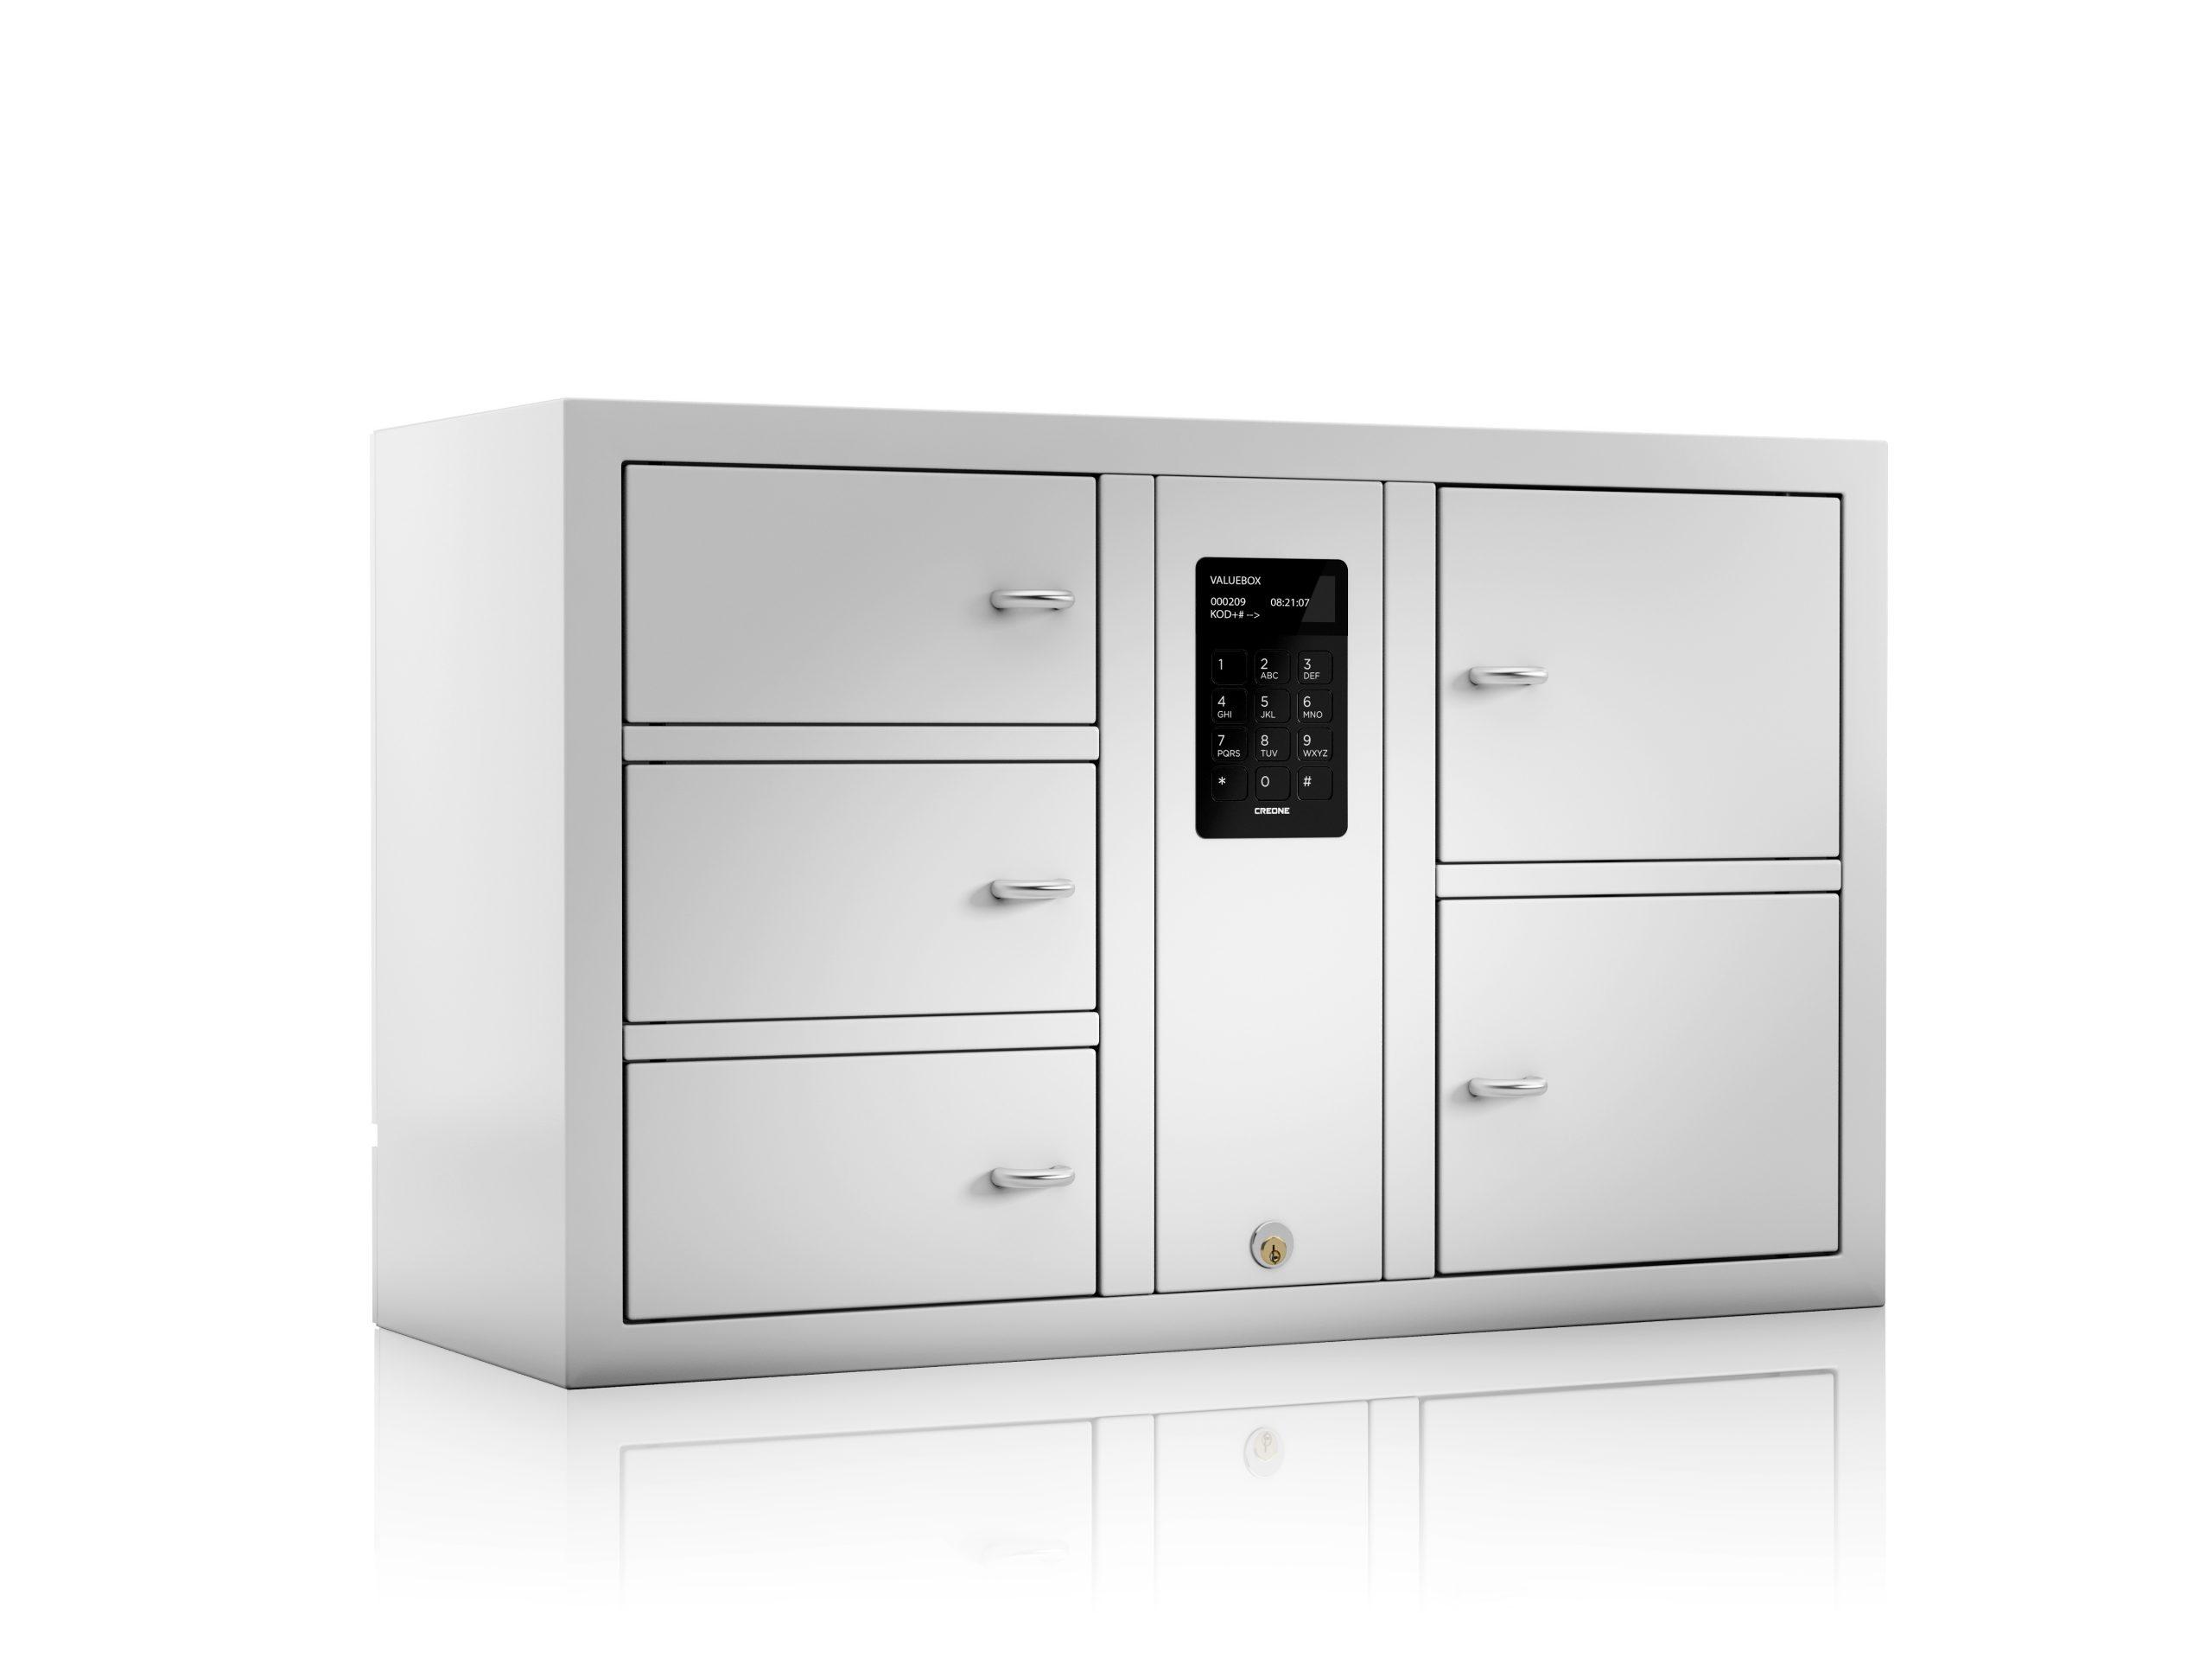 Visuel de groupe des armoires fortes ValueBox de la série System